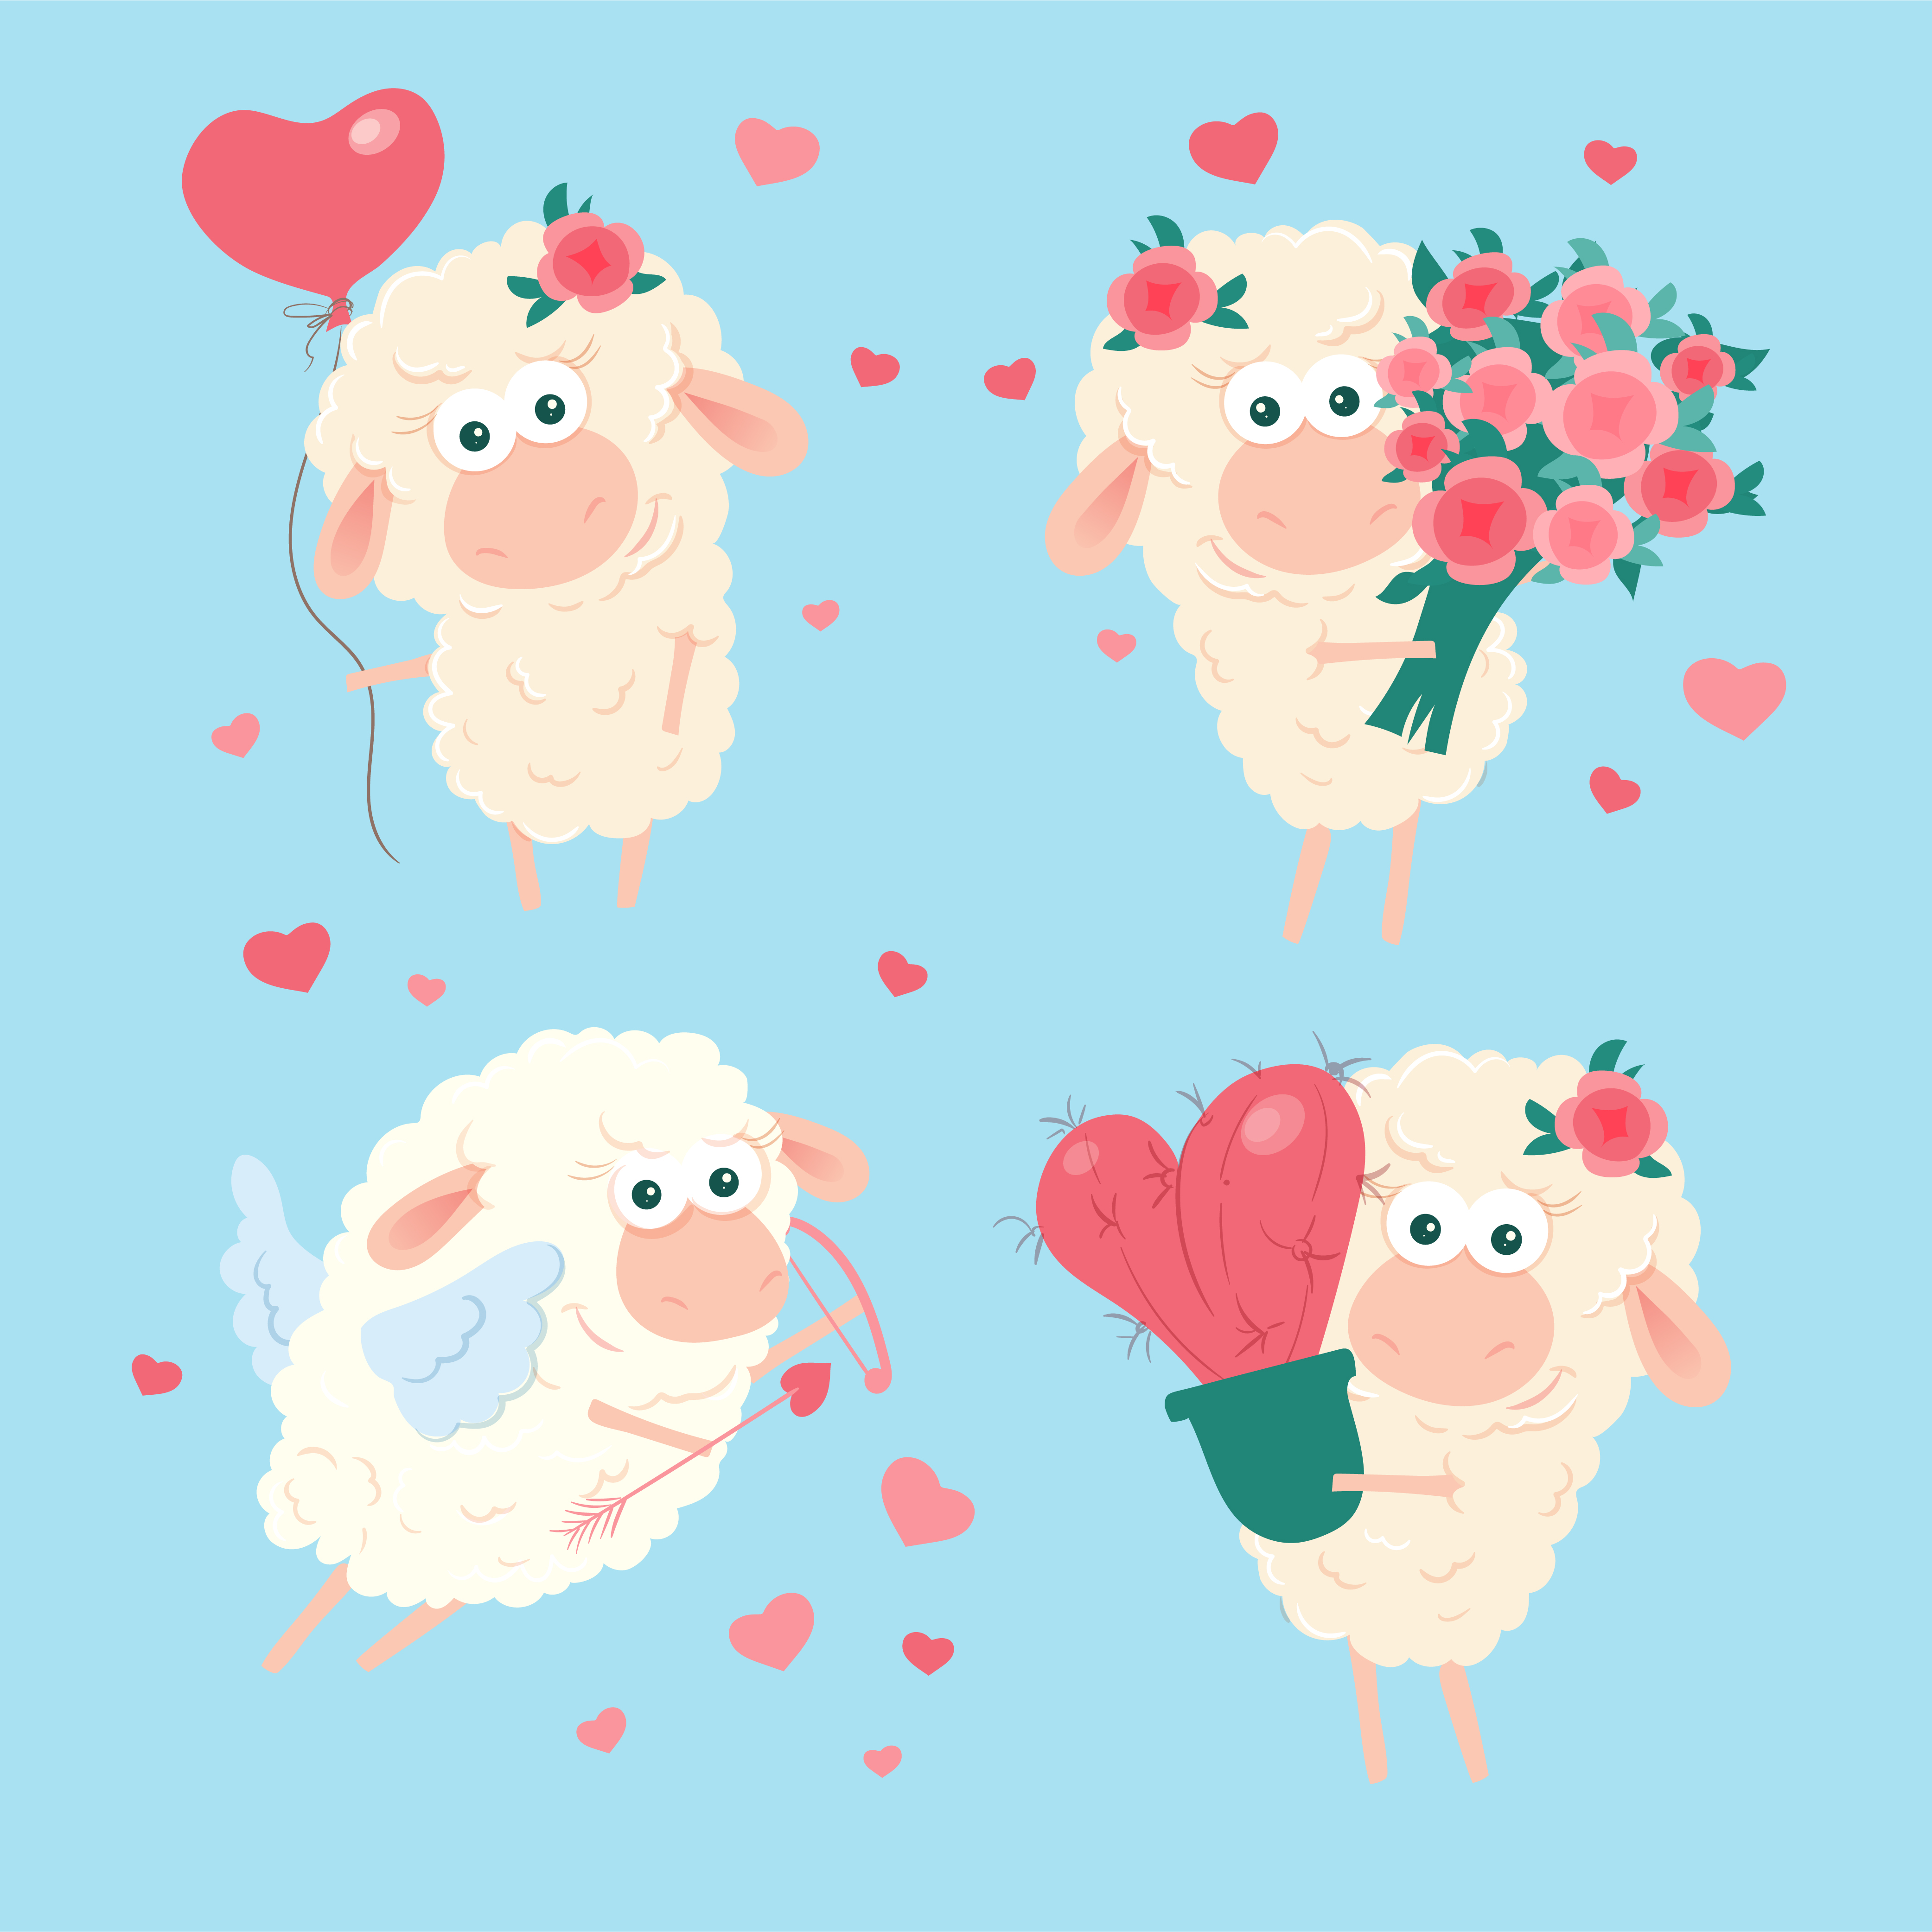 Agneau De Dessin Anime Pour La Saint Valentin Illustration Vectorielle Telecharger Vectoriel Gratuit Clipart Graphique Vecteur Dessins Et Pictogramme Gratuit